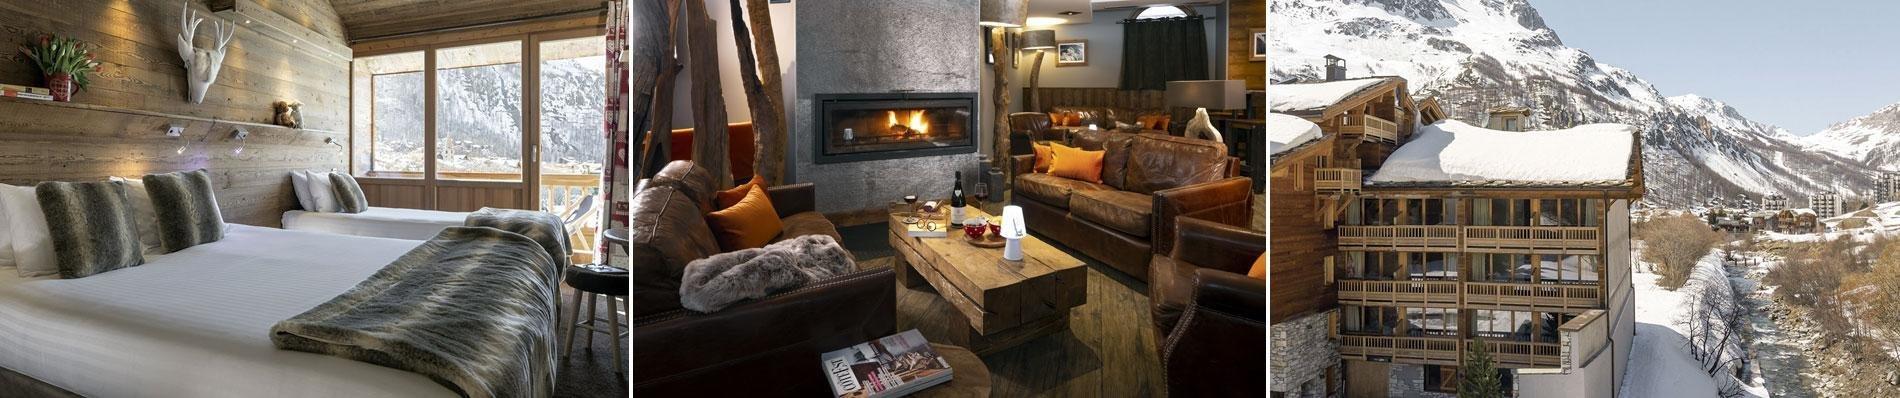 VILLAGE-MONTANA SKI LODGE val d isere wintersport skivakantie